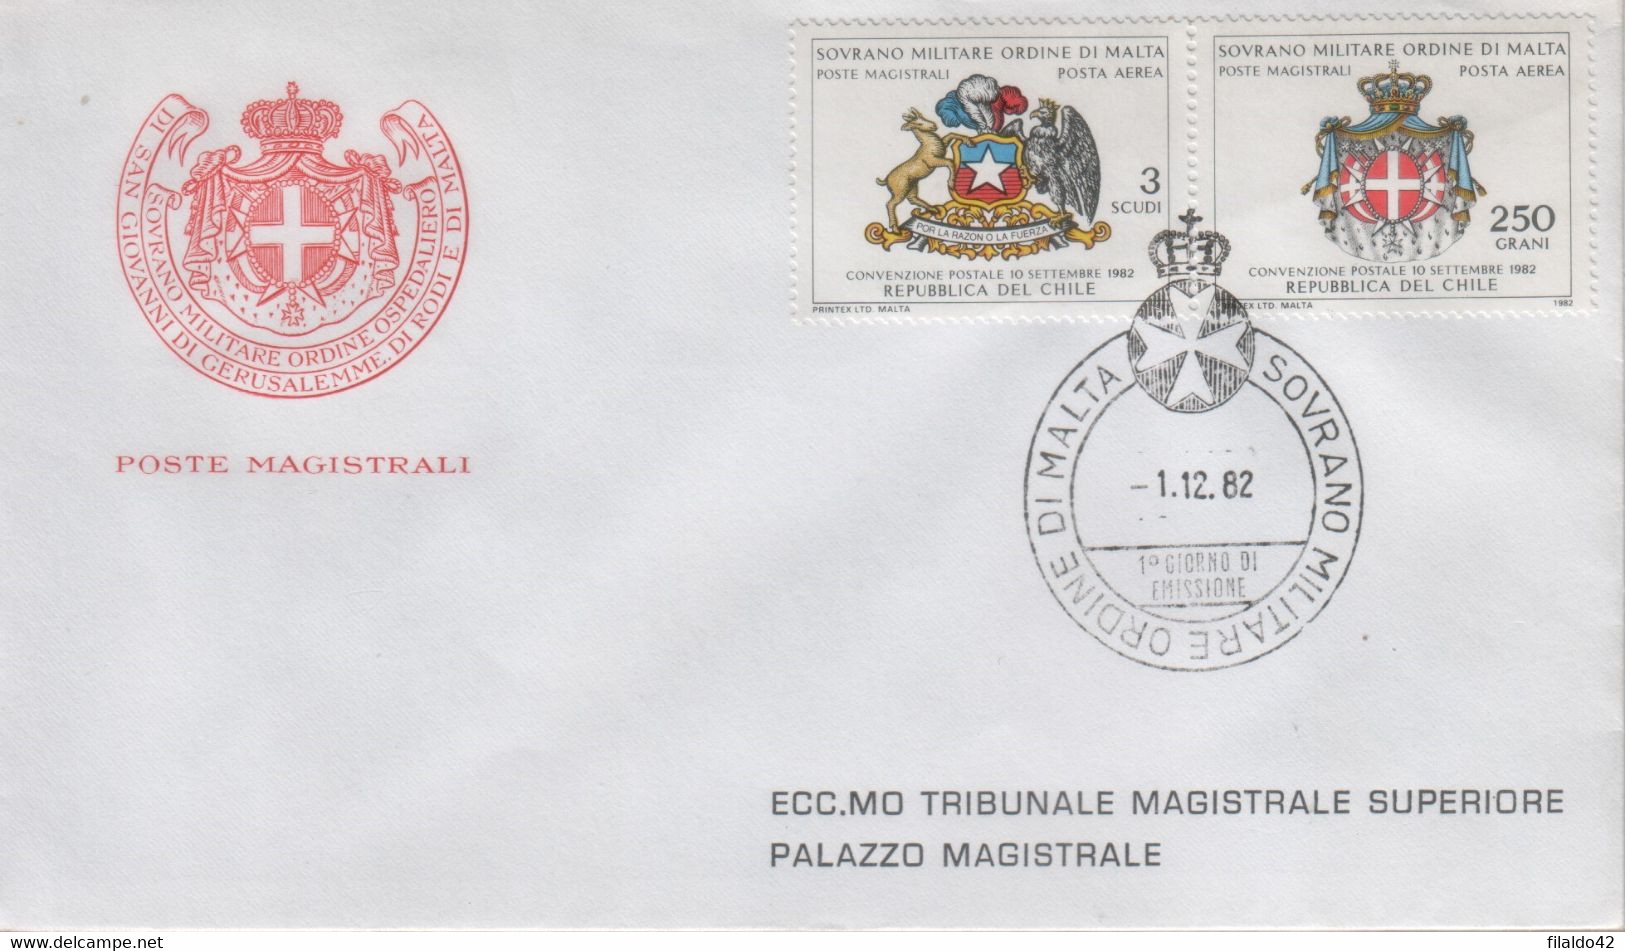 """SMOM - 1982 - FDC - Posta Aerea """"Convenzione Postale Col Cile"""" S. Cpl 2v Uniti (rif. A1/A2 Cat. Unificato) - Malte (Ordre De)"""